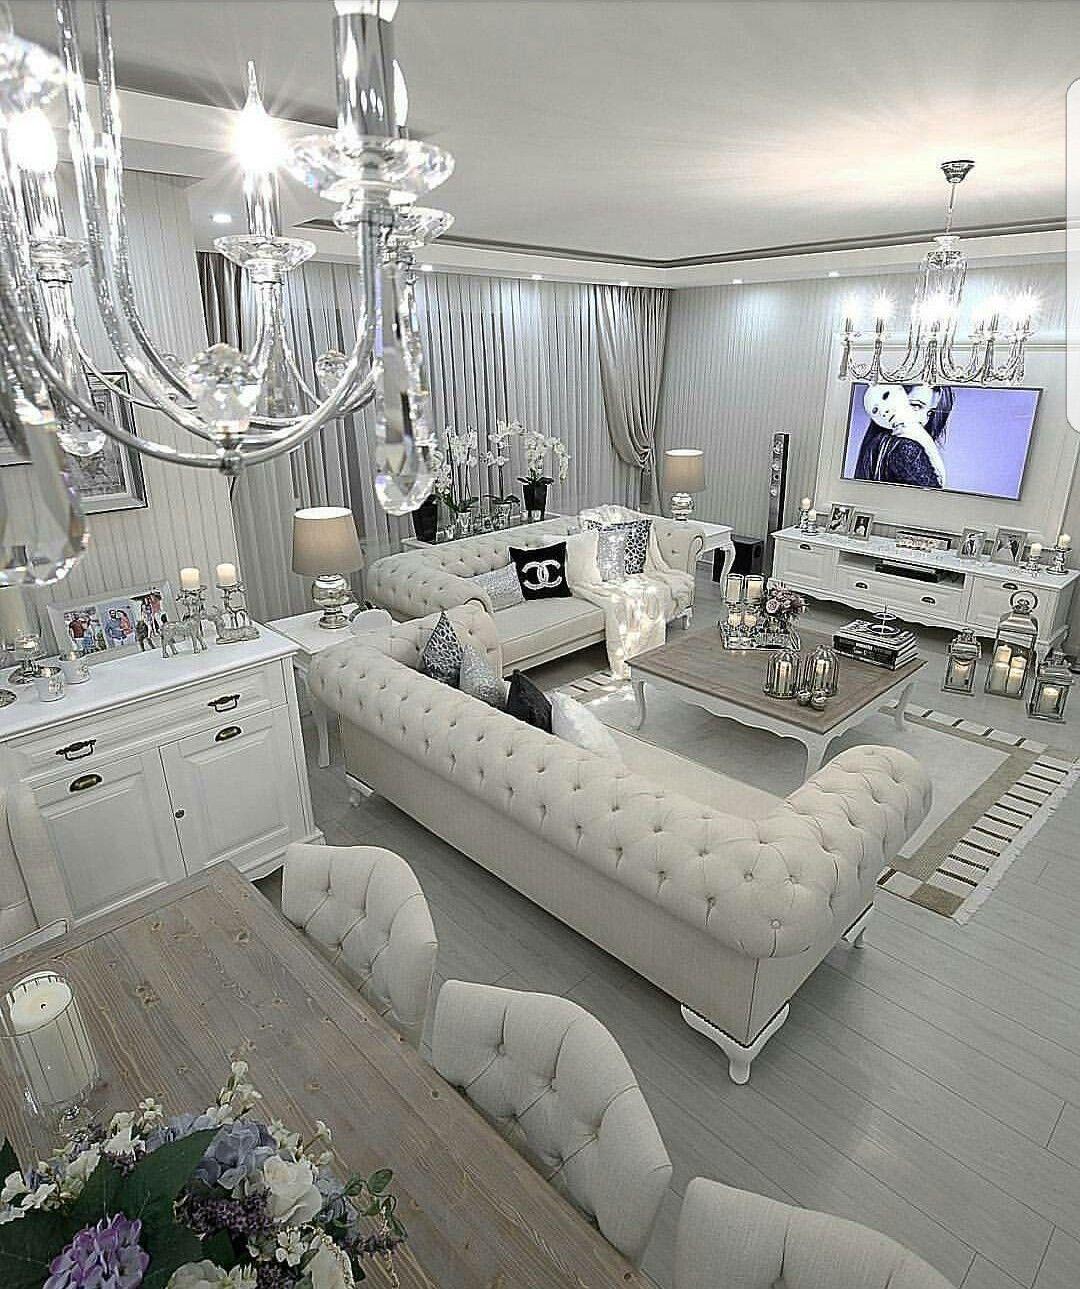 Långformad kakel i det glamorösa vardagsrummet